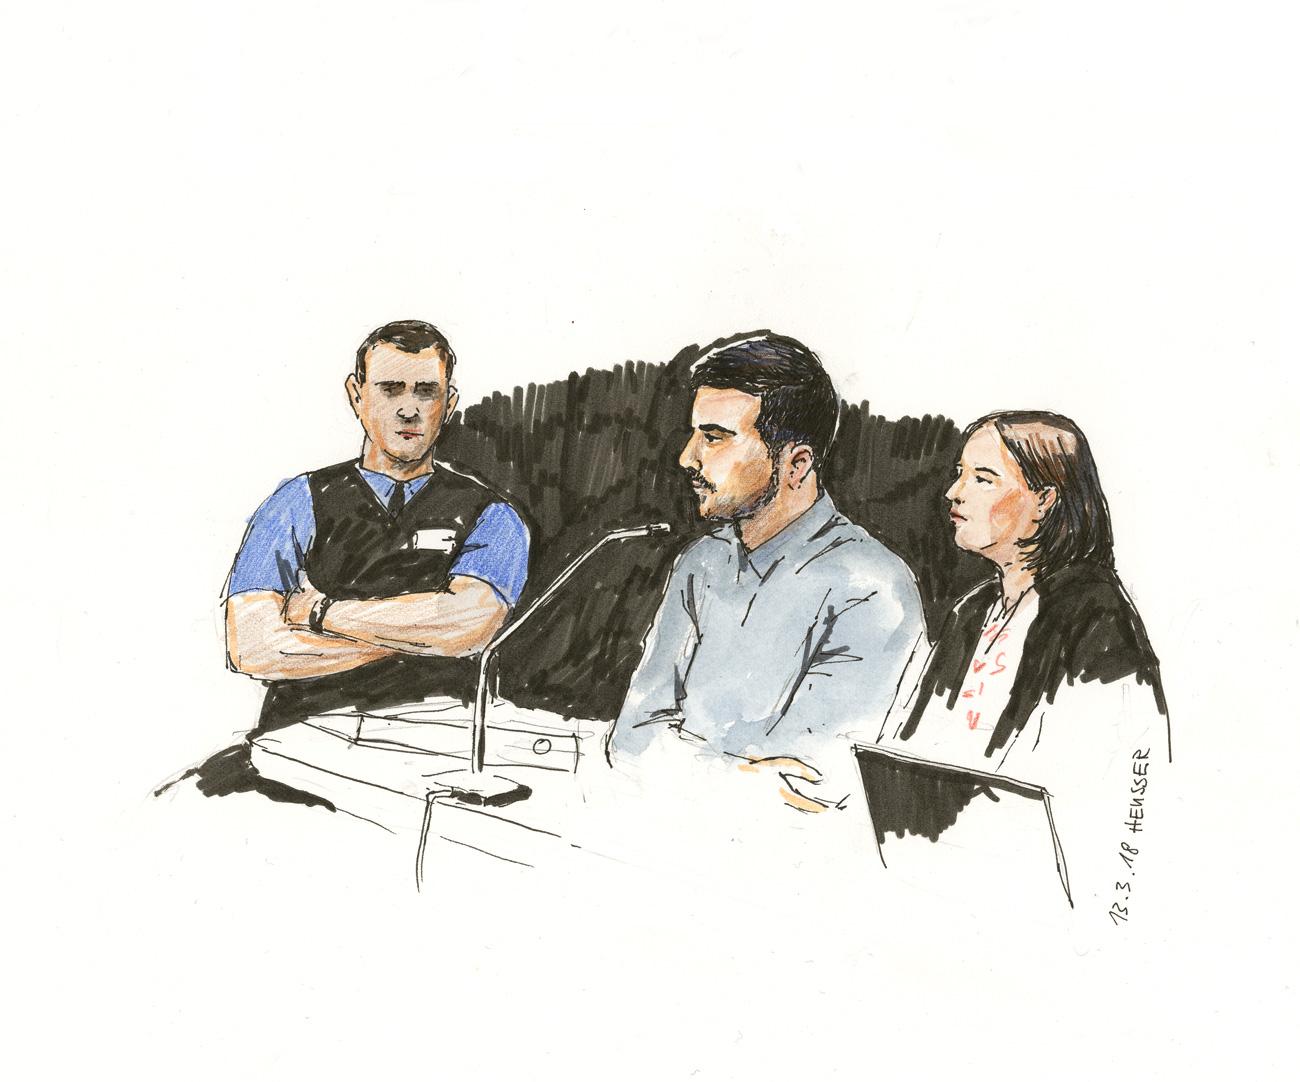 Der Angeklagte, die Verteidigerin und ein Beamter